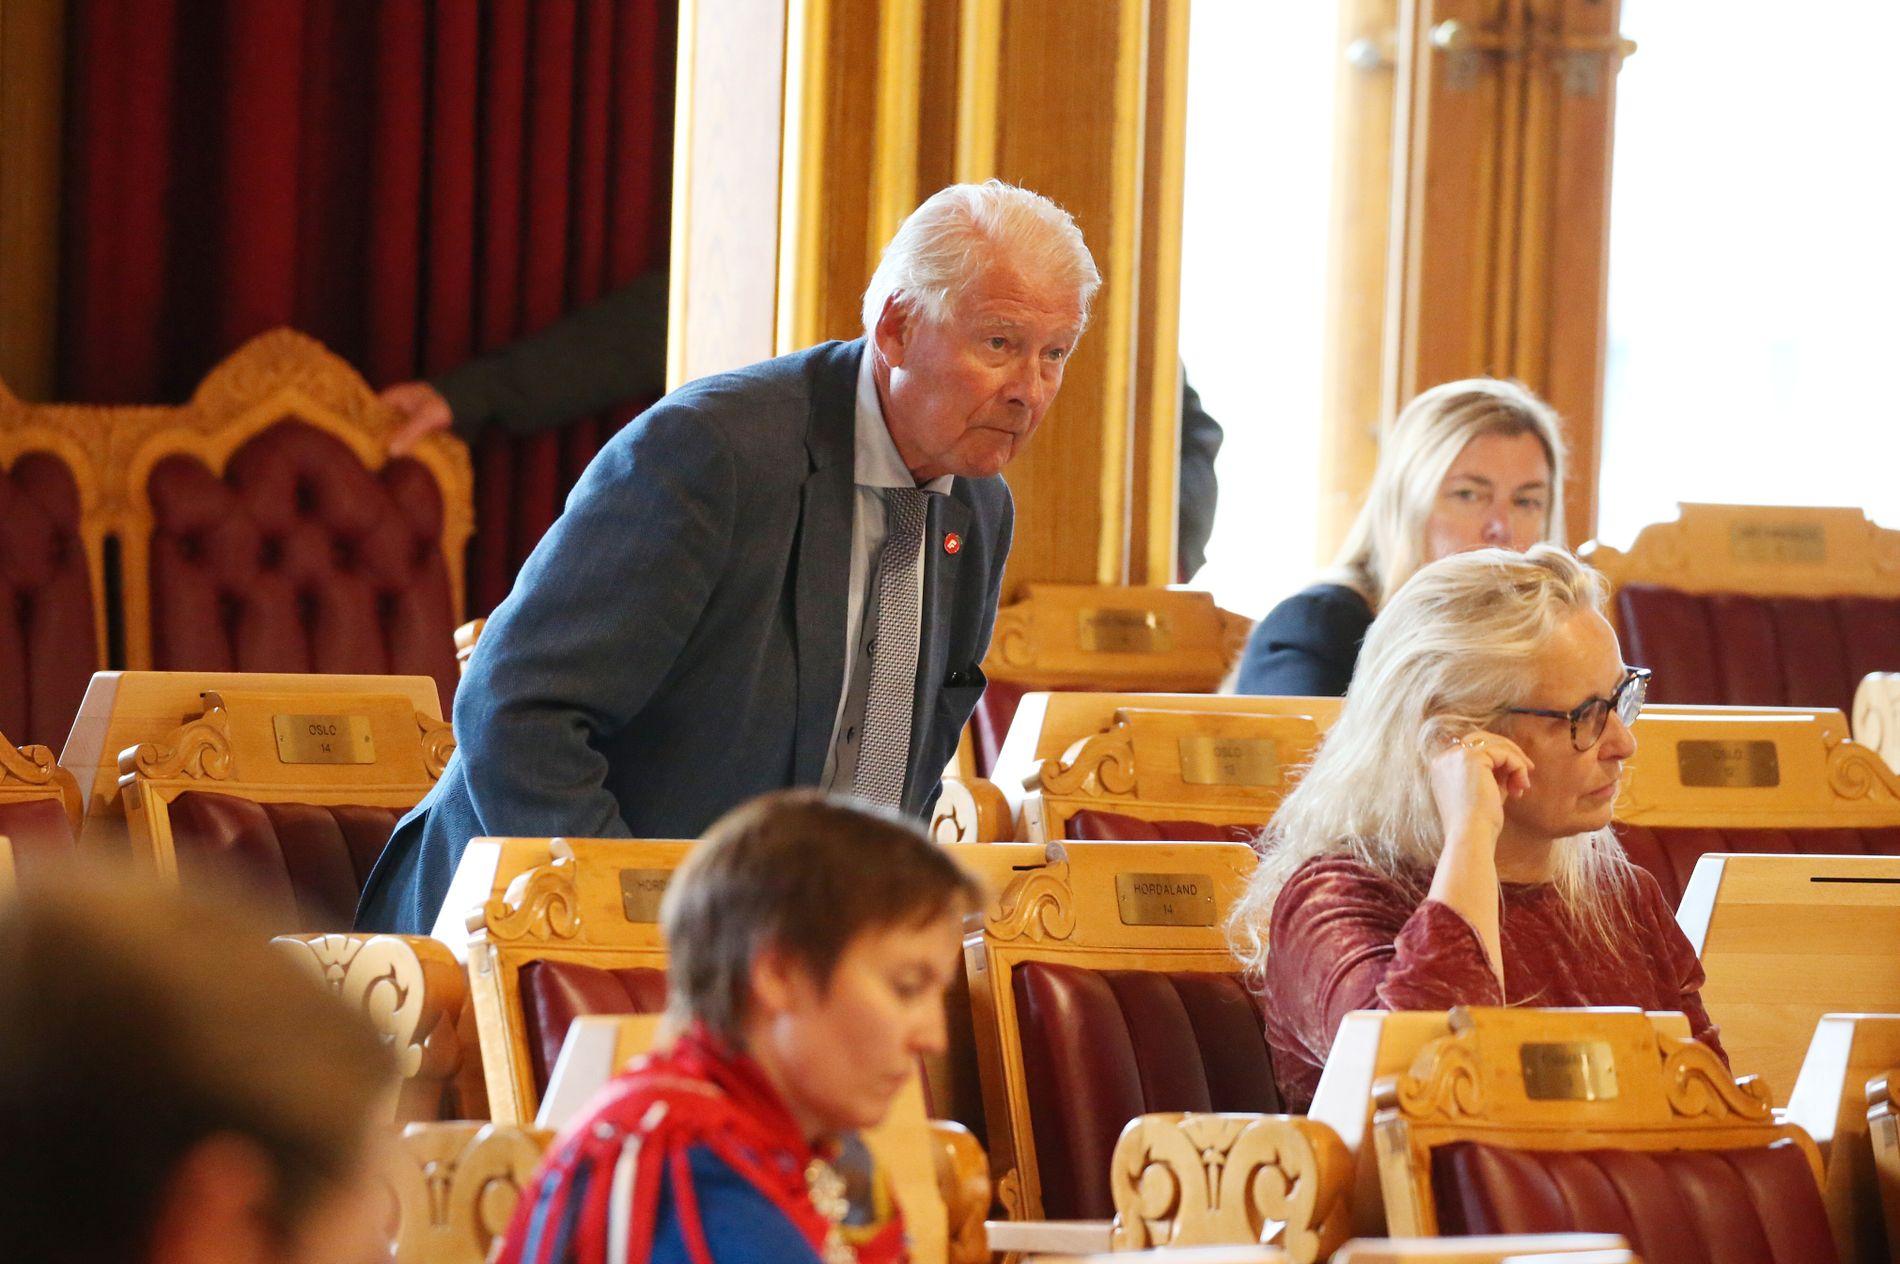 KUNNE VÆRT HER: Carl I. Hagen er for tiden fast møtende representant også på Stortinget. Her er han fotografert før voteringen i abortsaken for en uke siden.